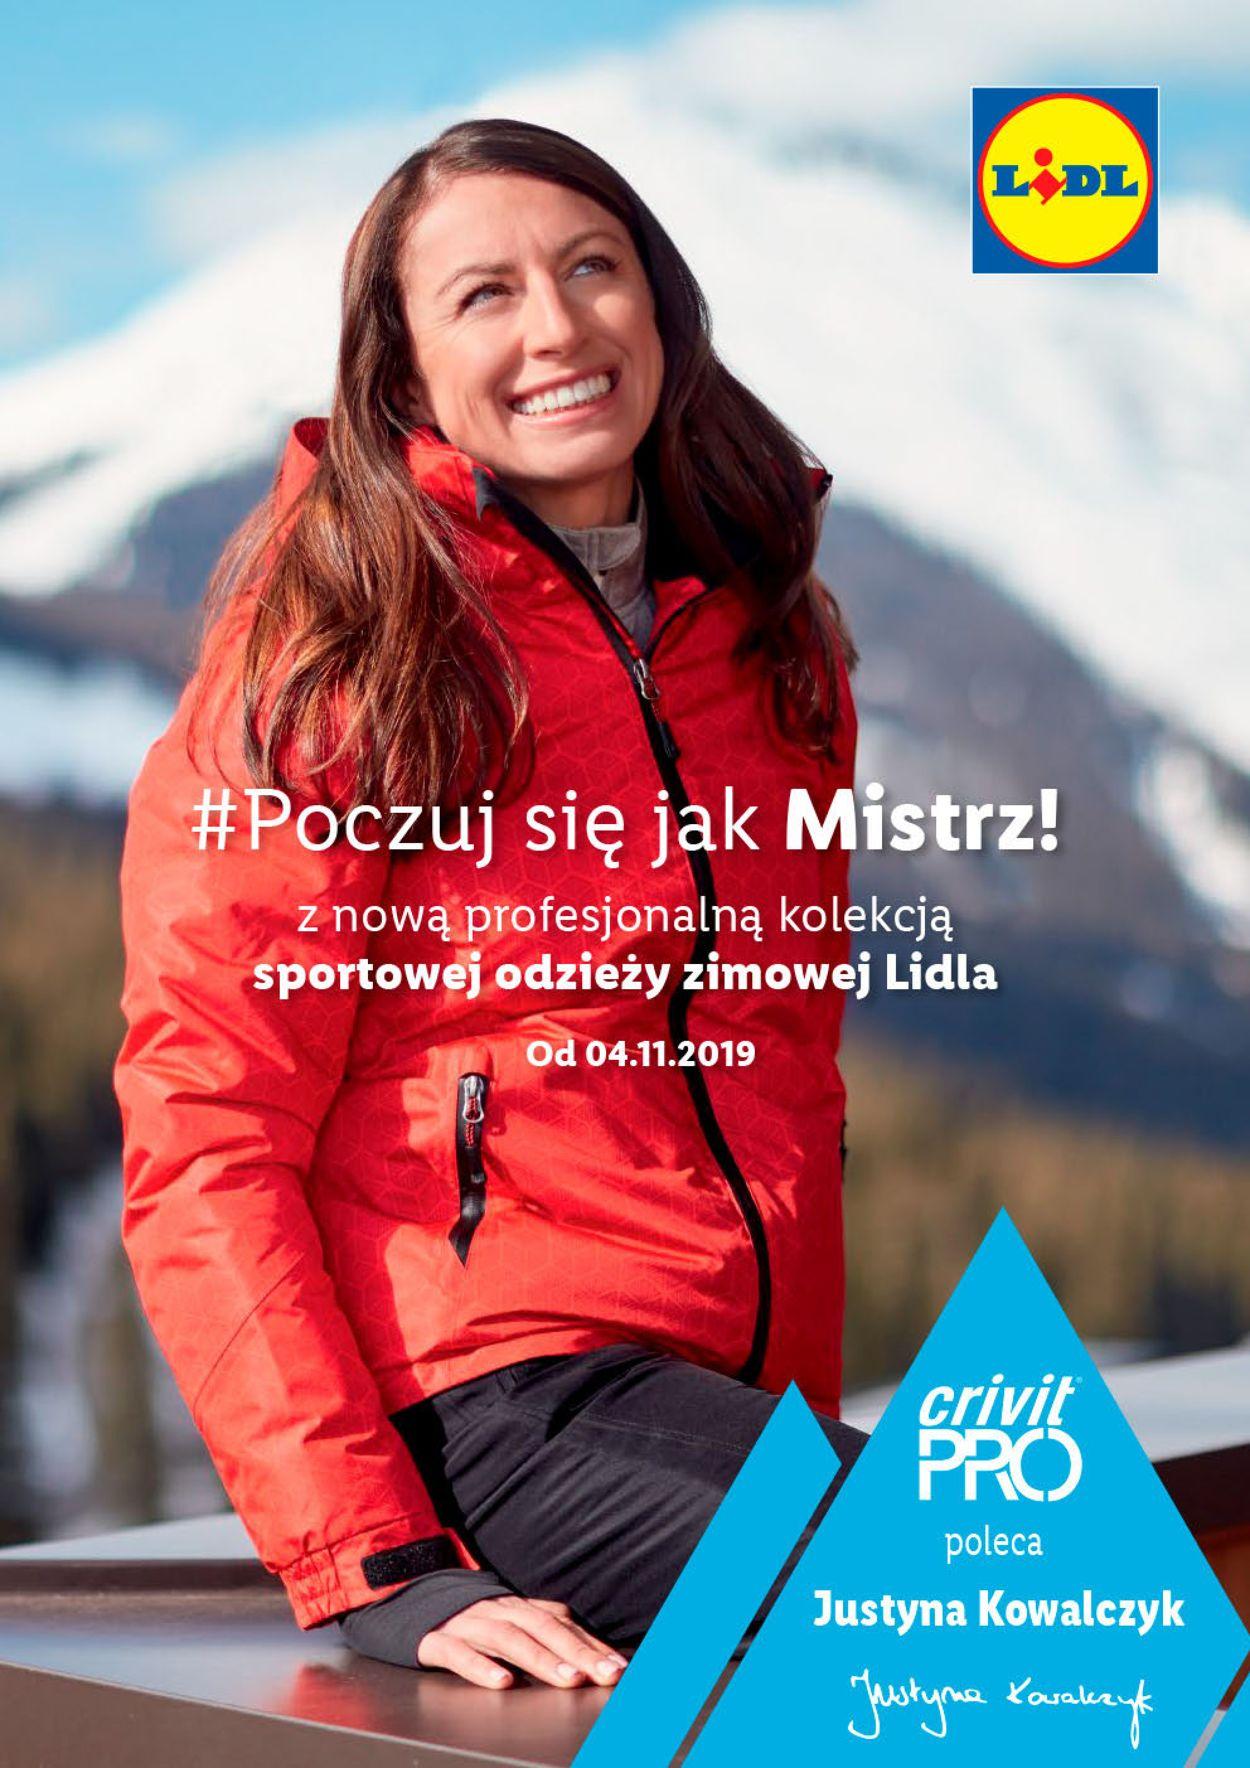 Gazetka promocyjna LIDL - 04.11-30.11.2019